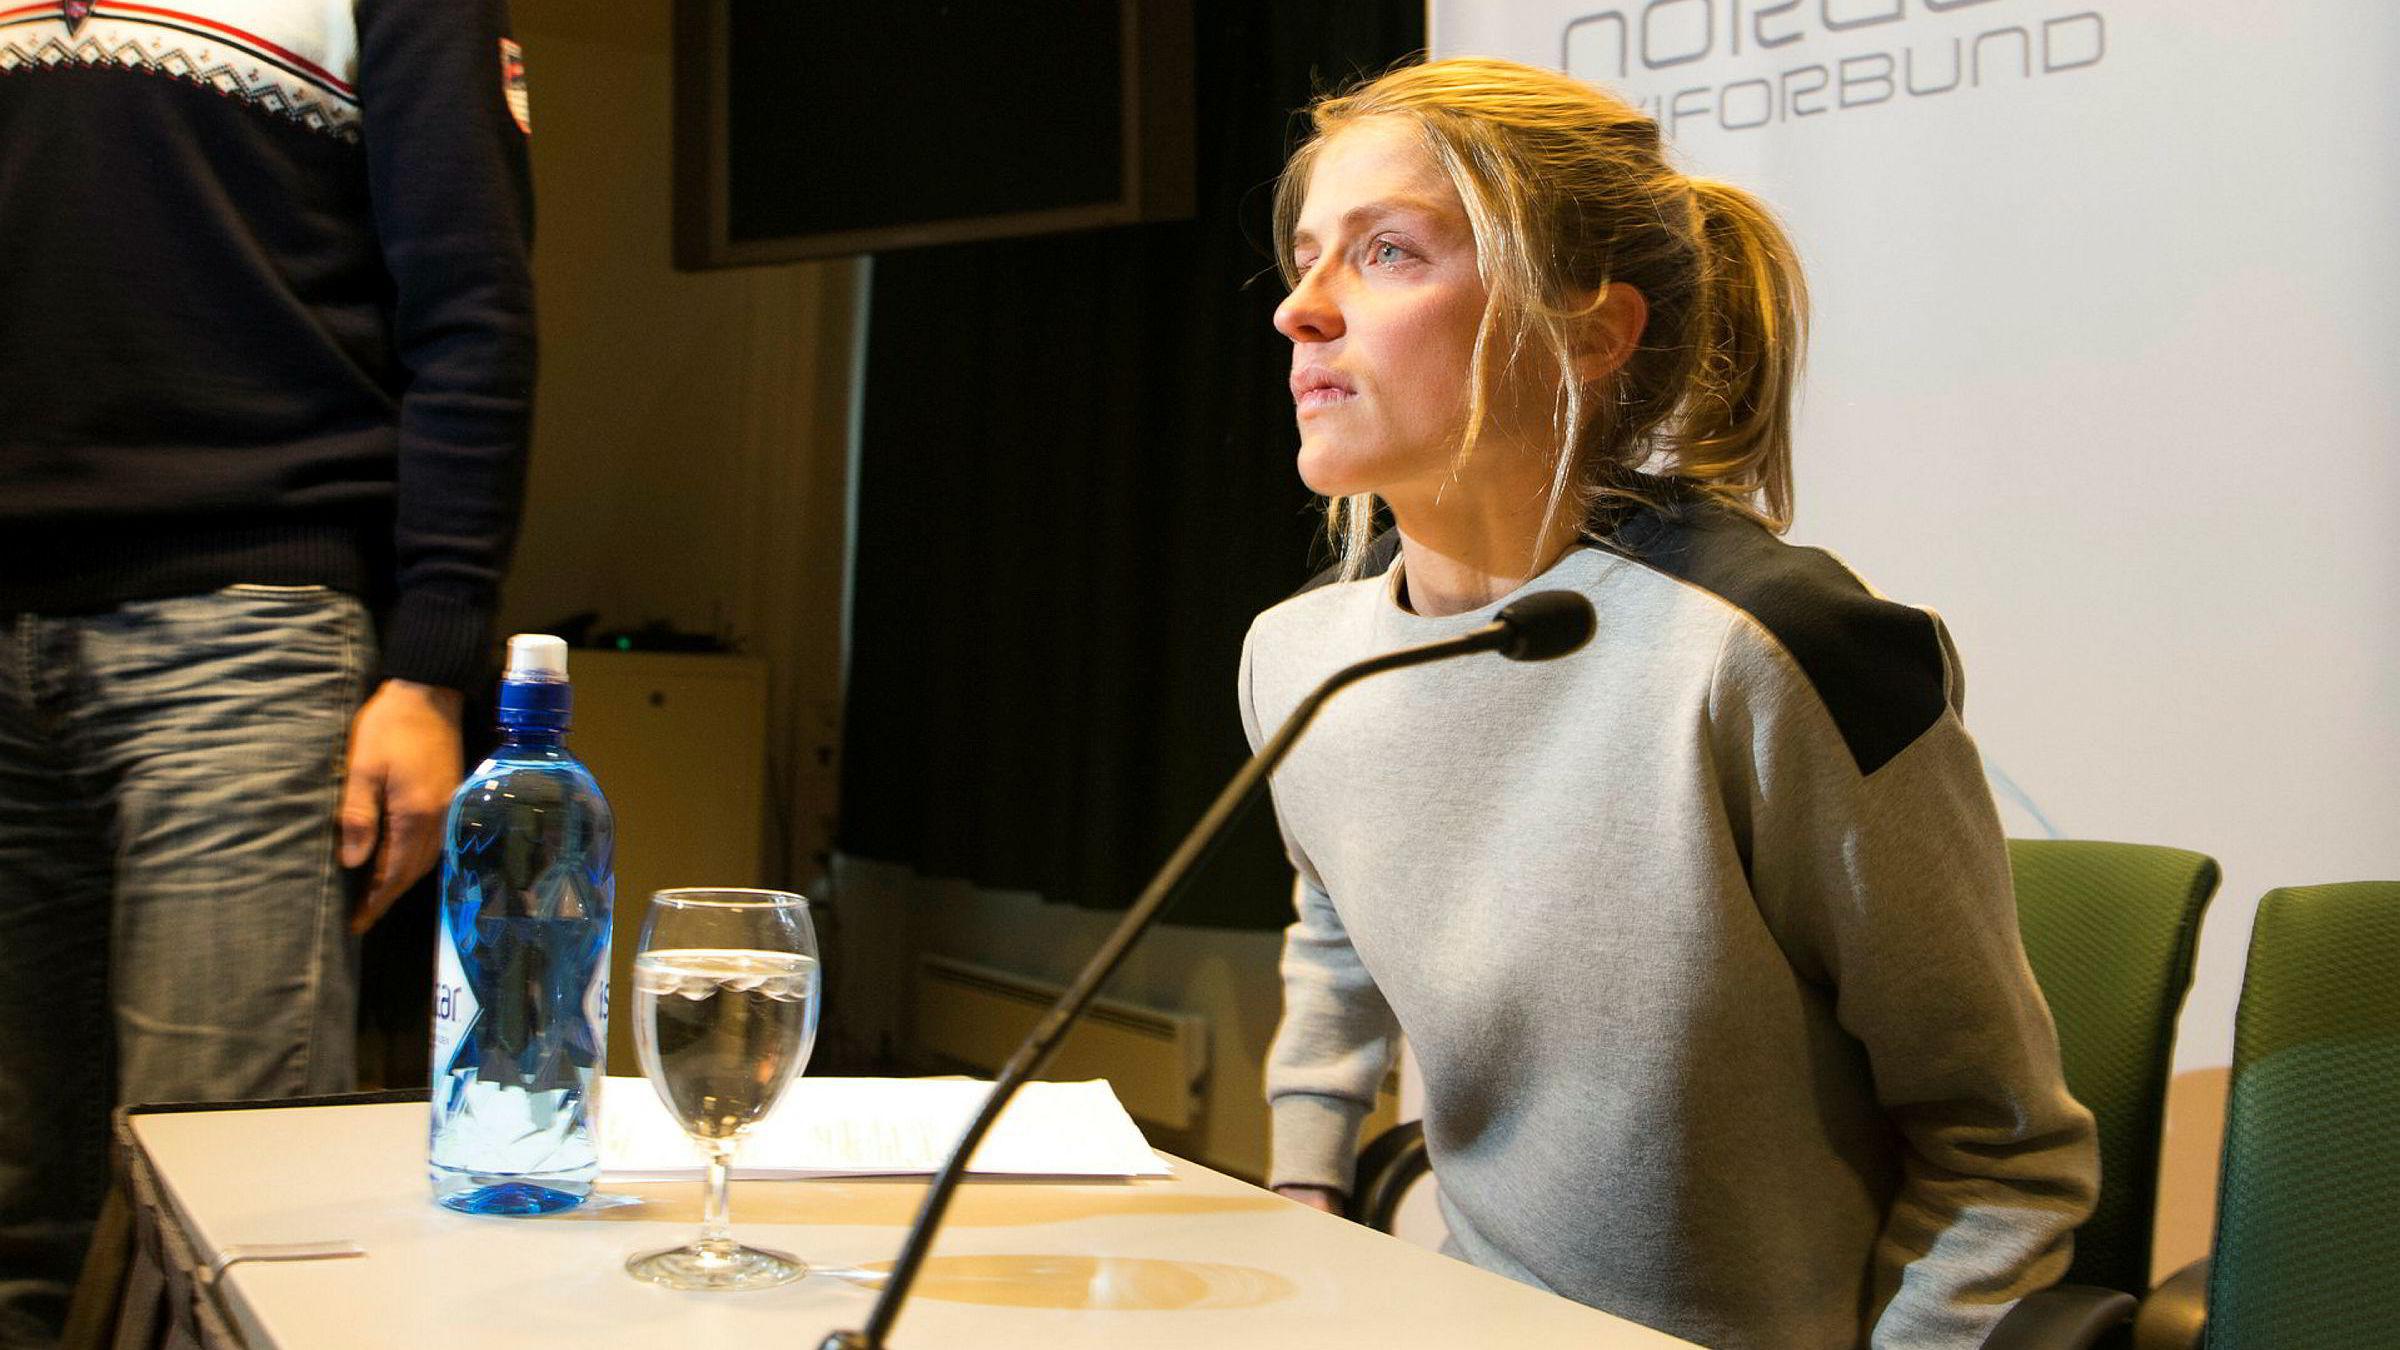 Hovedsponsor Sparebank 1-alliansen betaler en betydelig del av driften til Skiforbundet årlig. Det endelige utfallet av Johaug-saken vil påvirke avgjørelsen til sponsoren om de fortsette eller ikke med sponsoravtalen. Her fra pressekonferansen da Johaug offentliggjorde sin positive dopingprøve.